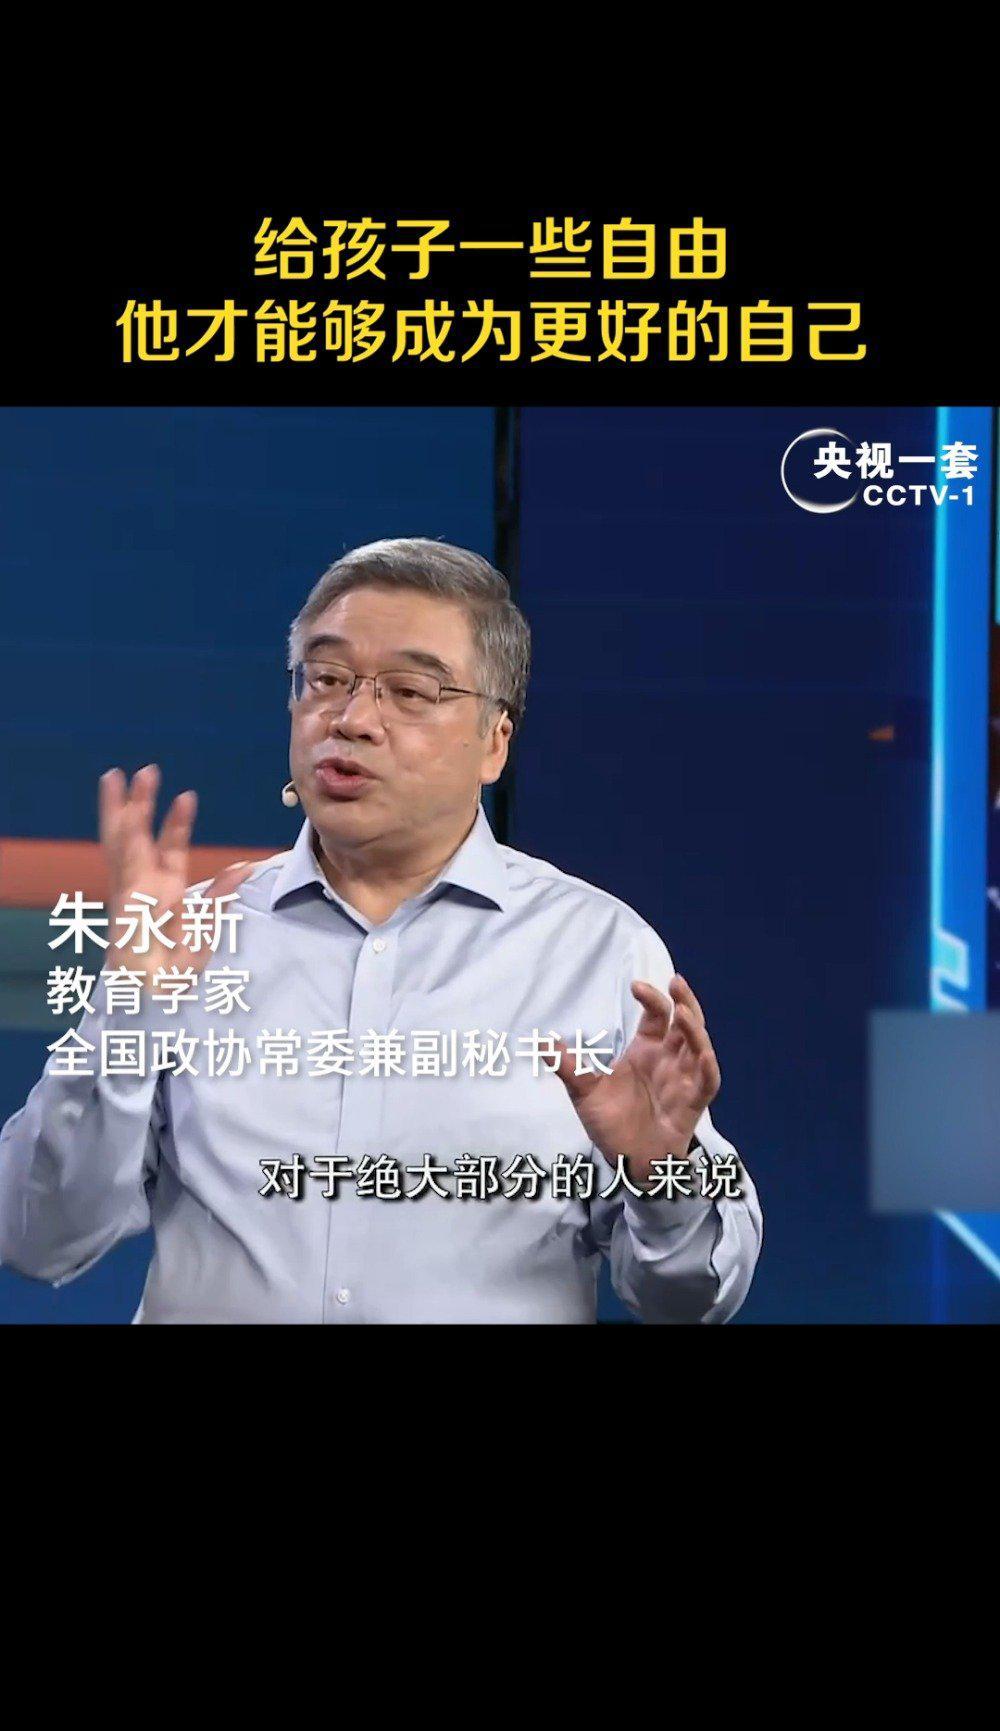 关于补习,教育学家朱永新和 在 的这段对话推荐给大家